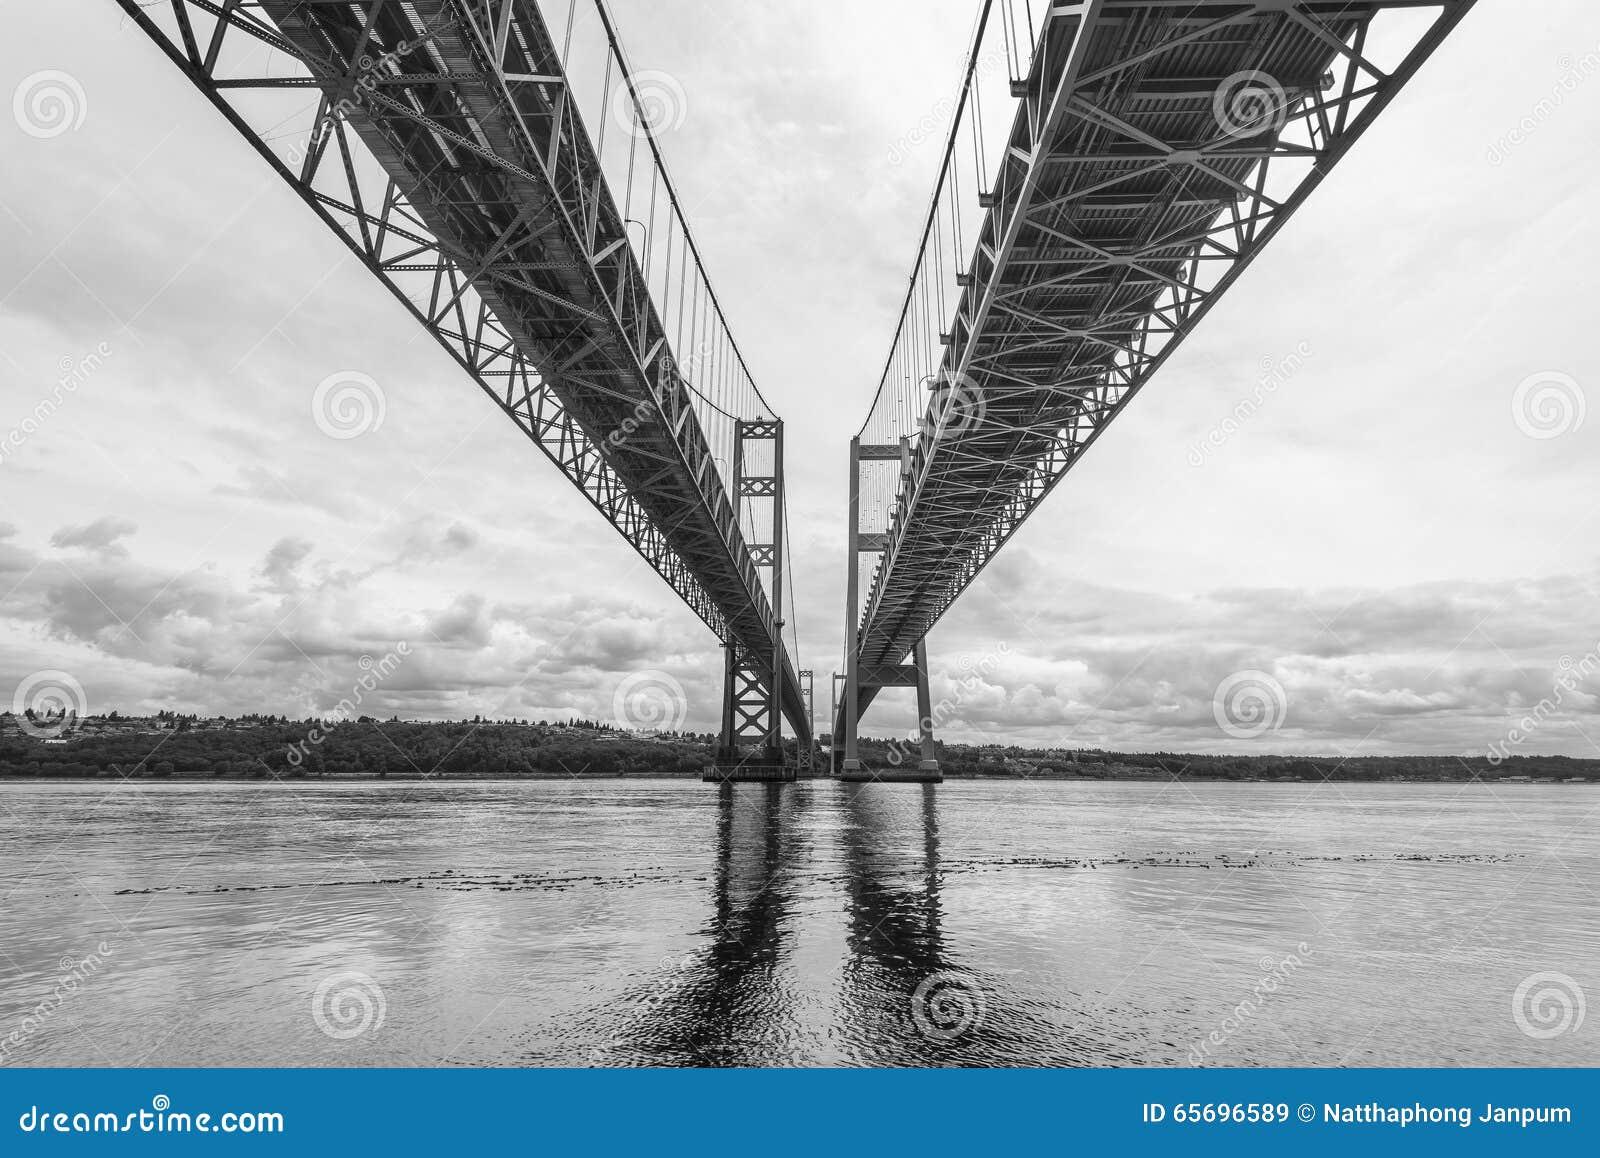 Szene der Engestahlbrücke in Tacoma, Washington, USA